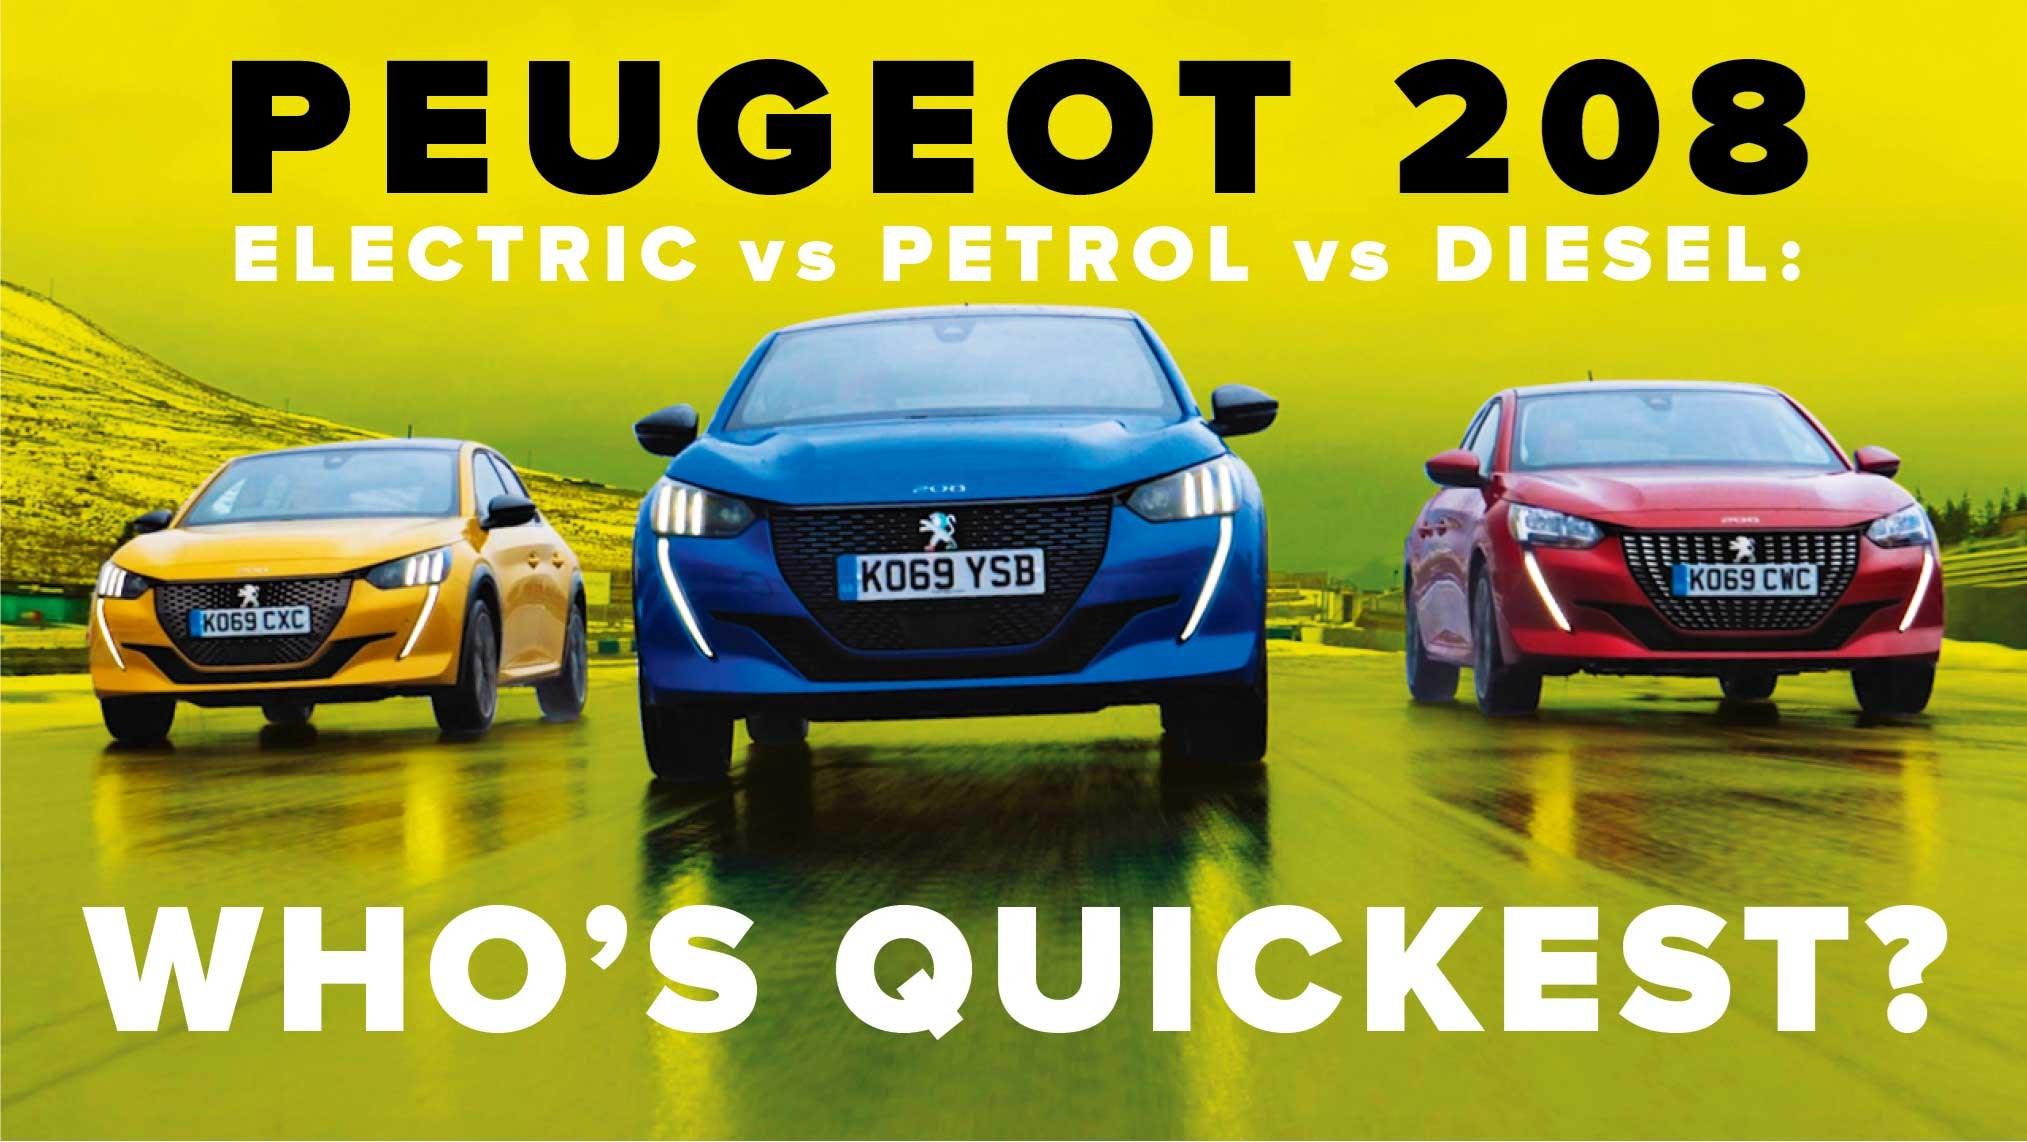 Peugeot 208 petrol vs electric vs diesel: watch CAR's video